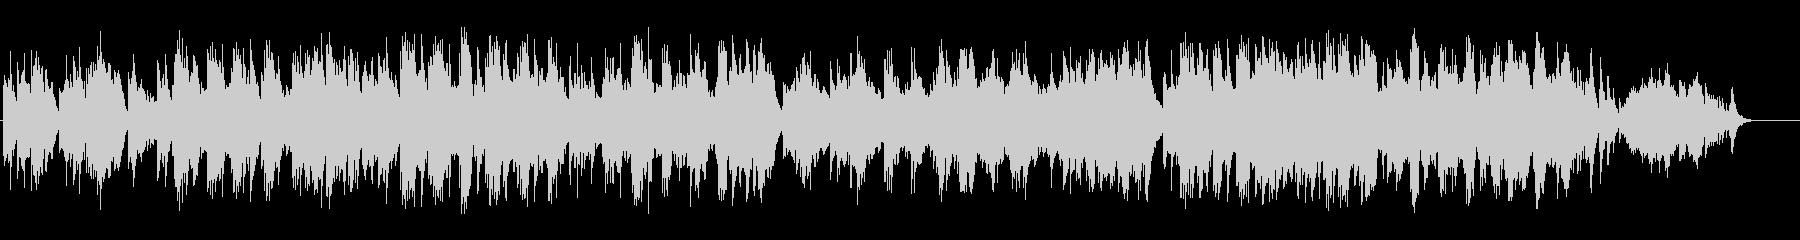 優美なハープのアンビ系BGの未再生の波形